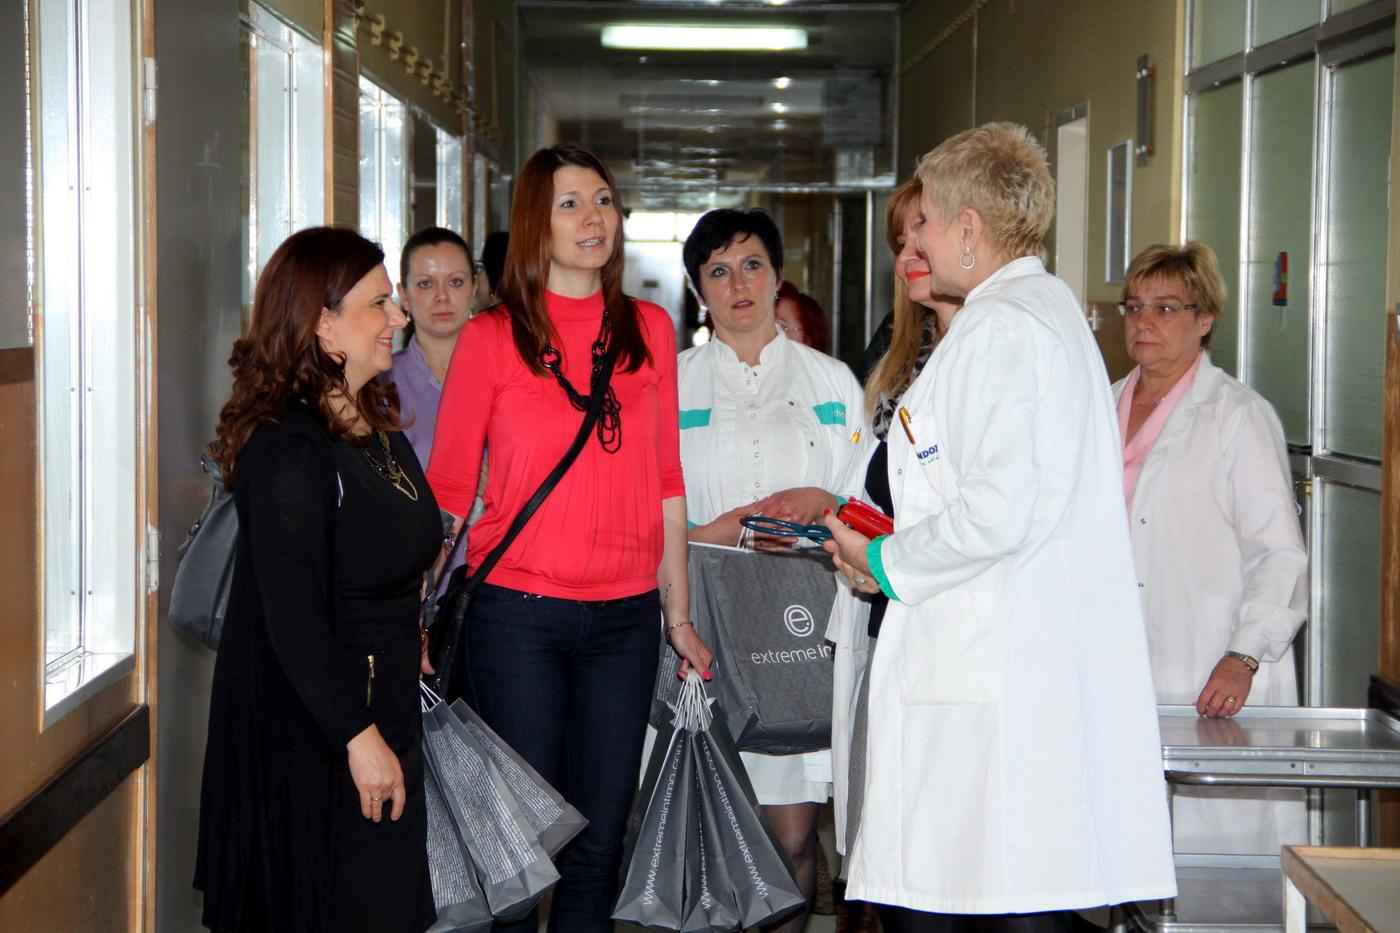 IMG 0775 resize Zajedno krojimo sreću: Extreme Intimo sa mališanima u bolnicama